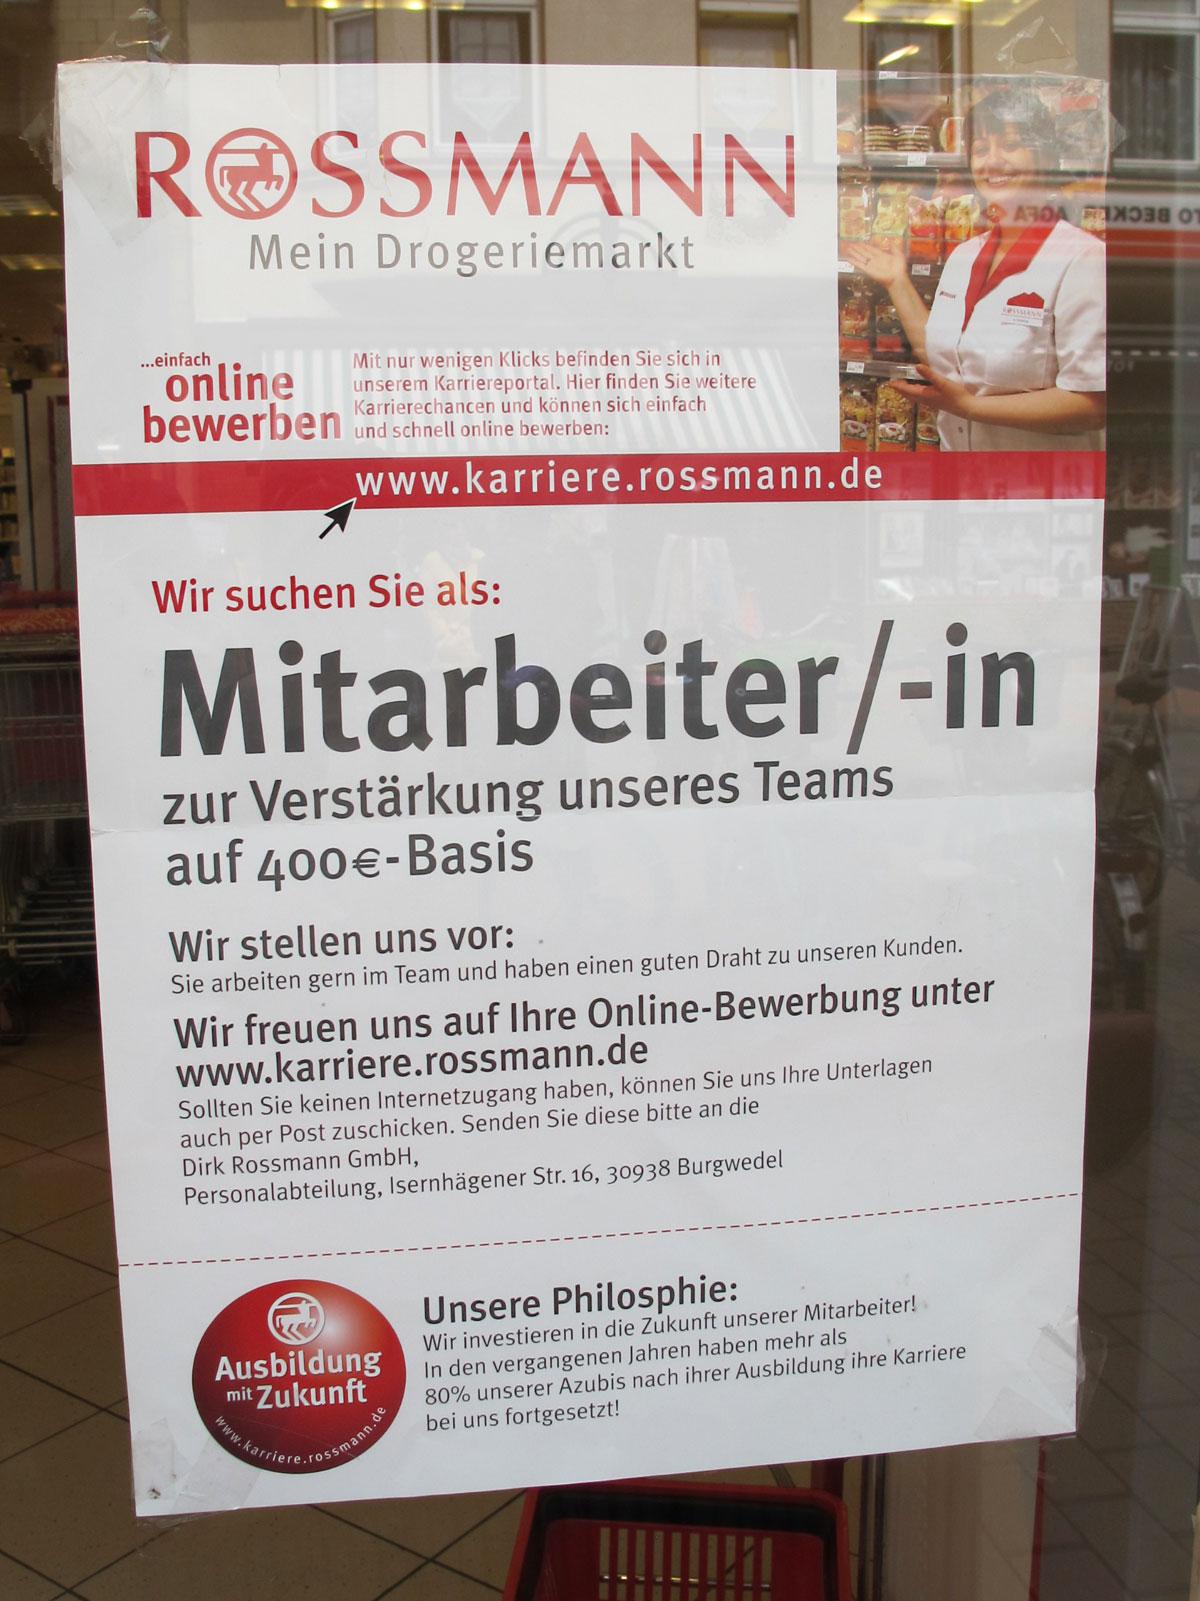 troisdorf city mitarbeiter in gesucht bei rossmann rossmann der drogeriemarkt - Rossmann Online Bewerbung